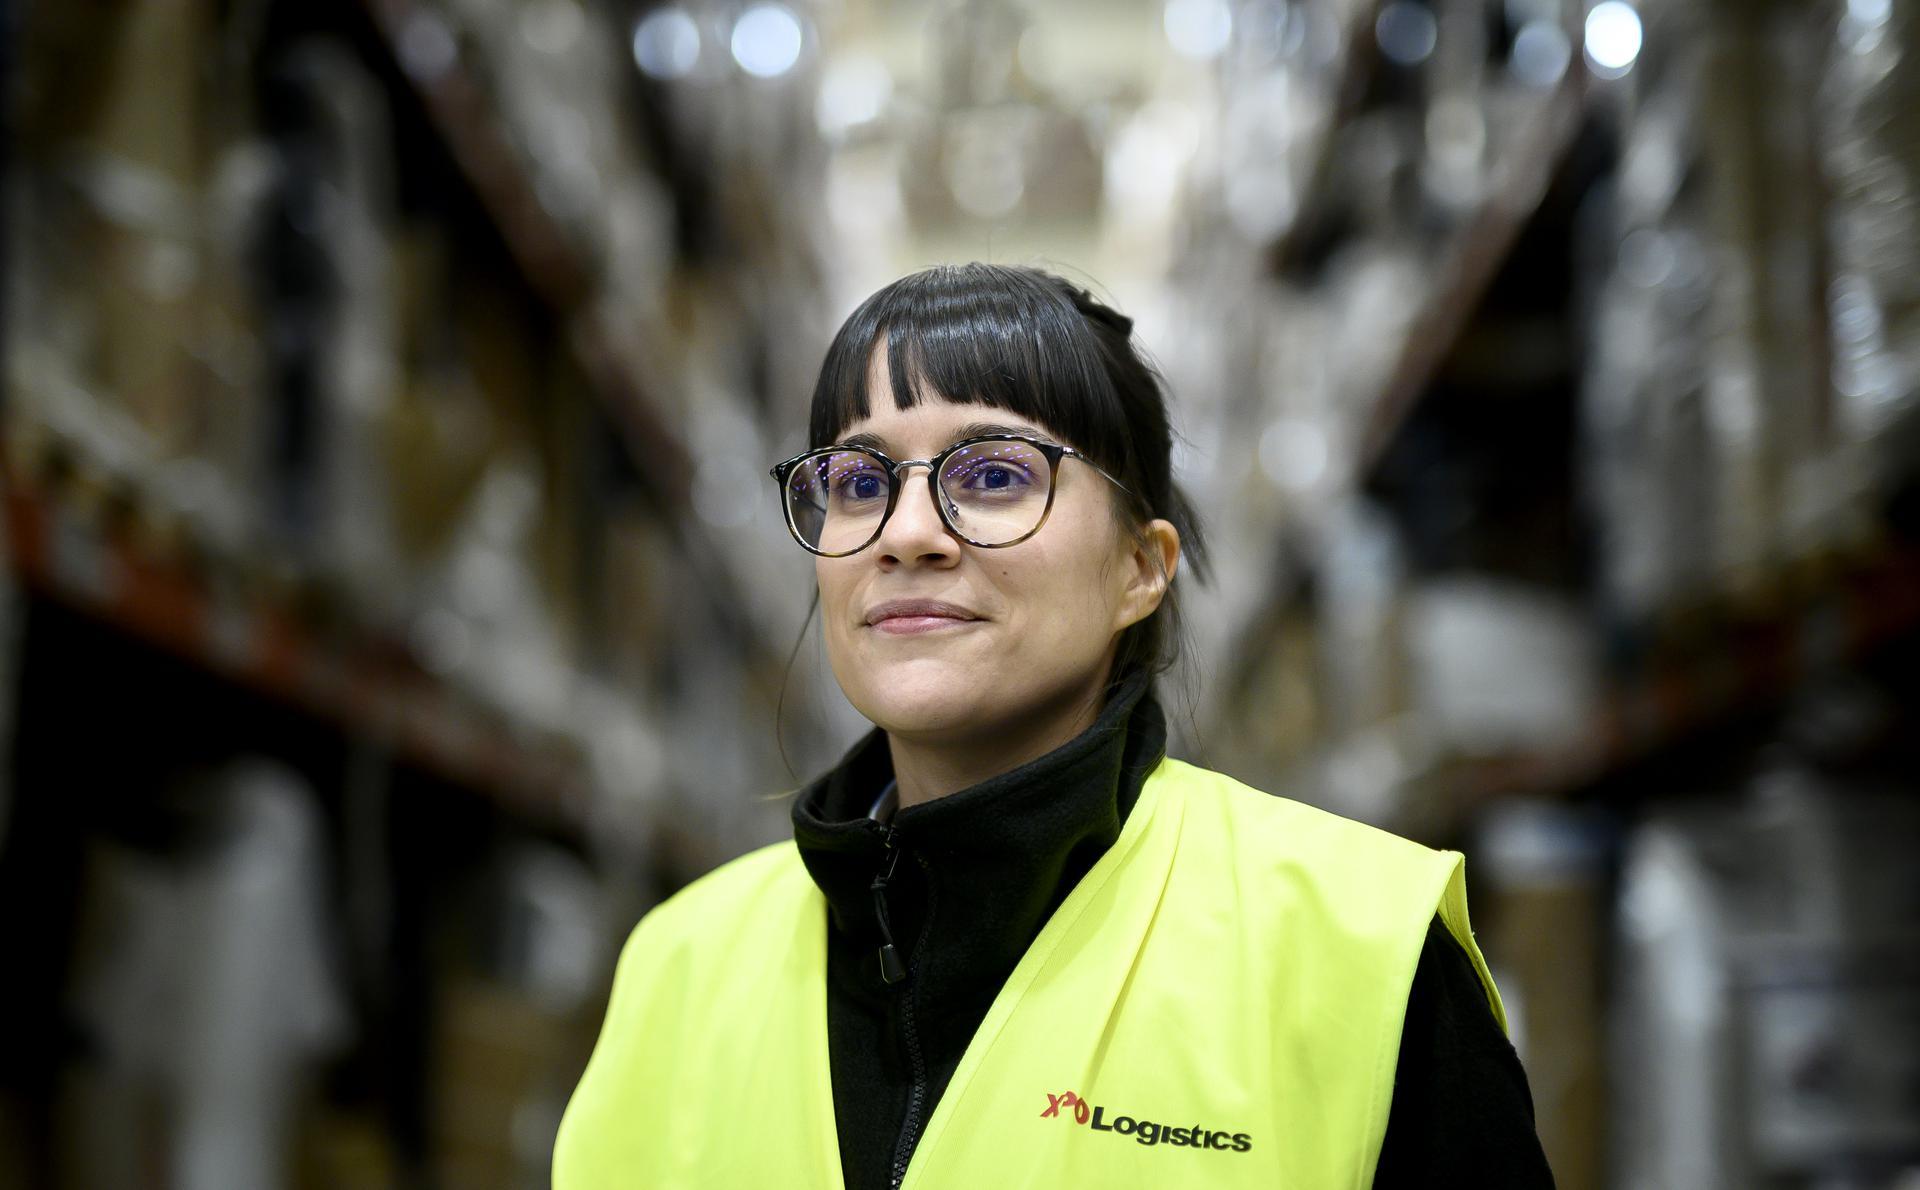 XPO Logistics odnawia partnerstwo z Asda w celu świadczenia usług Logistyka zwrotów